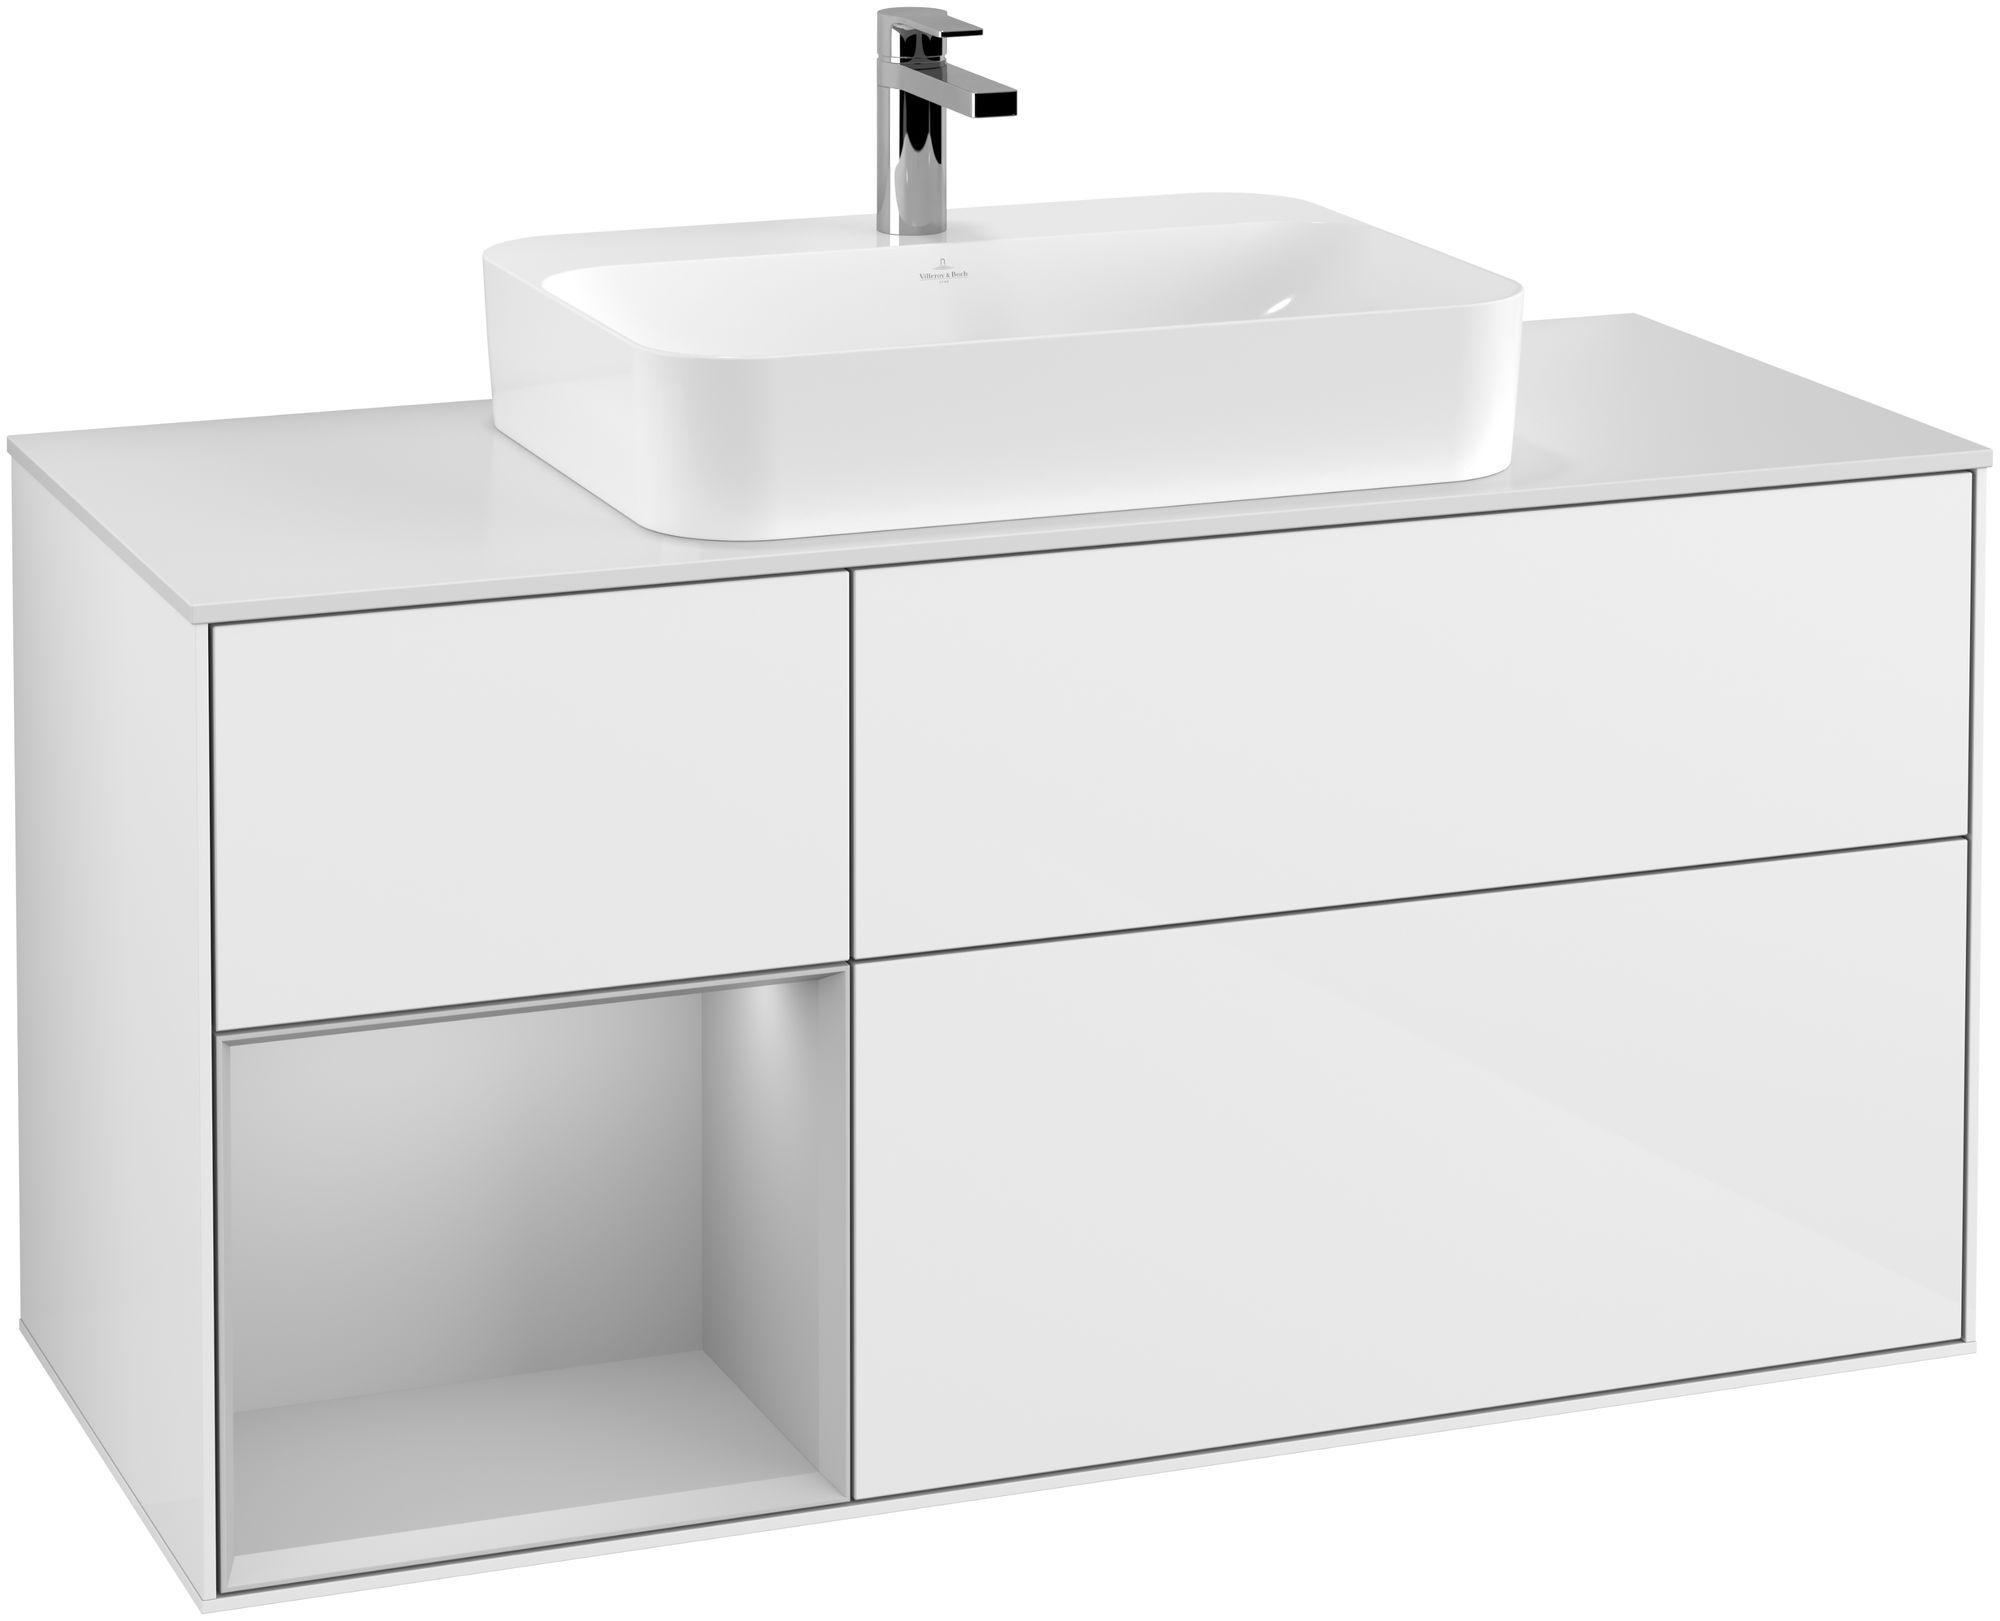 Villeroy & Boch Finion G41 Waschtischunterschrank mit Regalelement 3 Auszüge für WT mittig LED-Beleuchtung B:120xH:60,3xT:50,1cm Front, Korpus: Glossy White Lack, Regal: Light Grey Matt, Glasplatte: White Matt G411GJGF